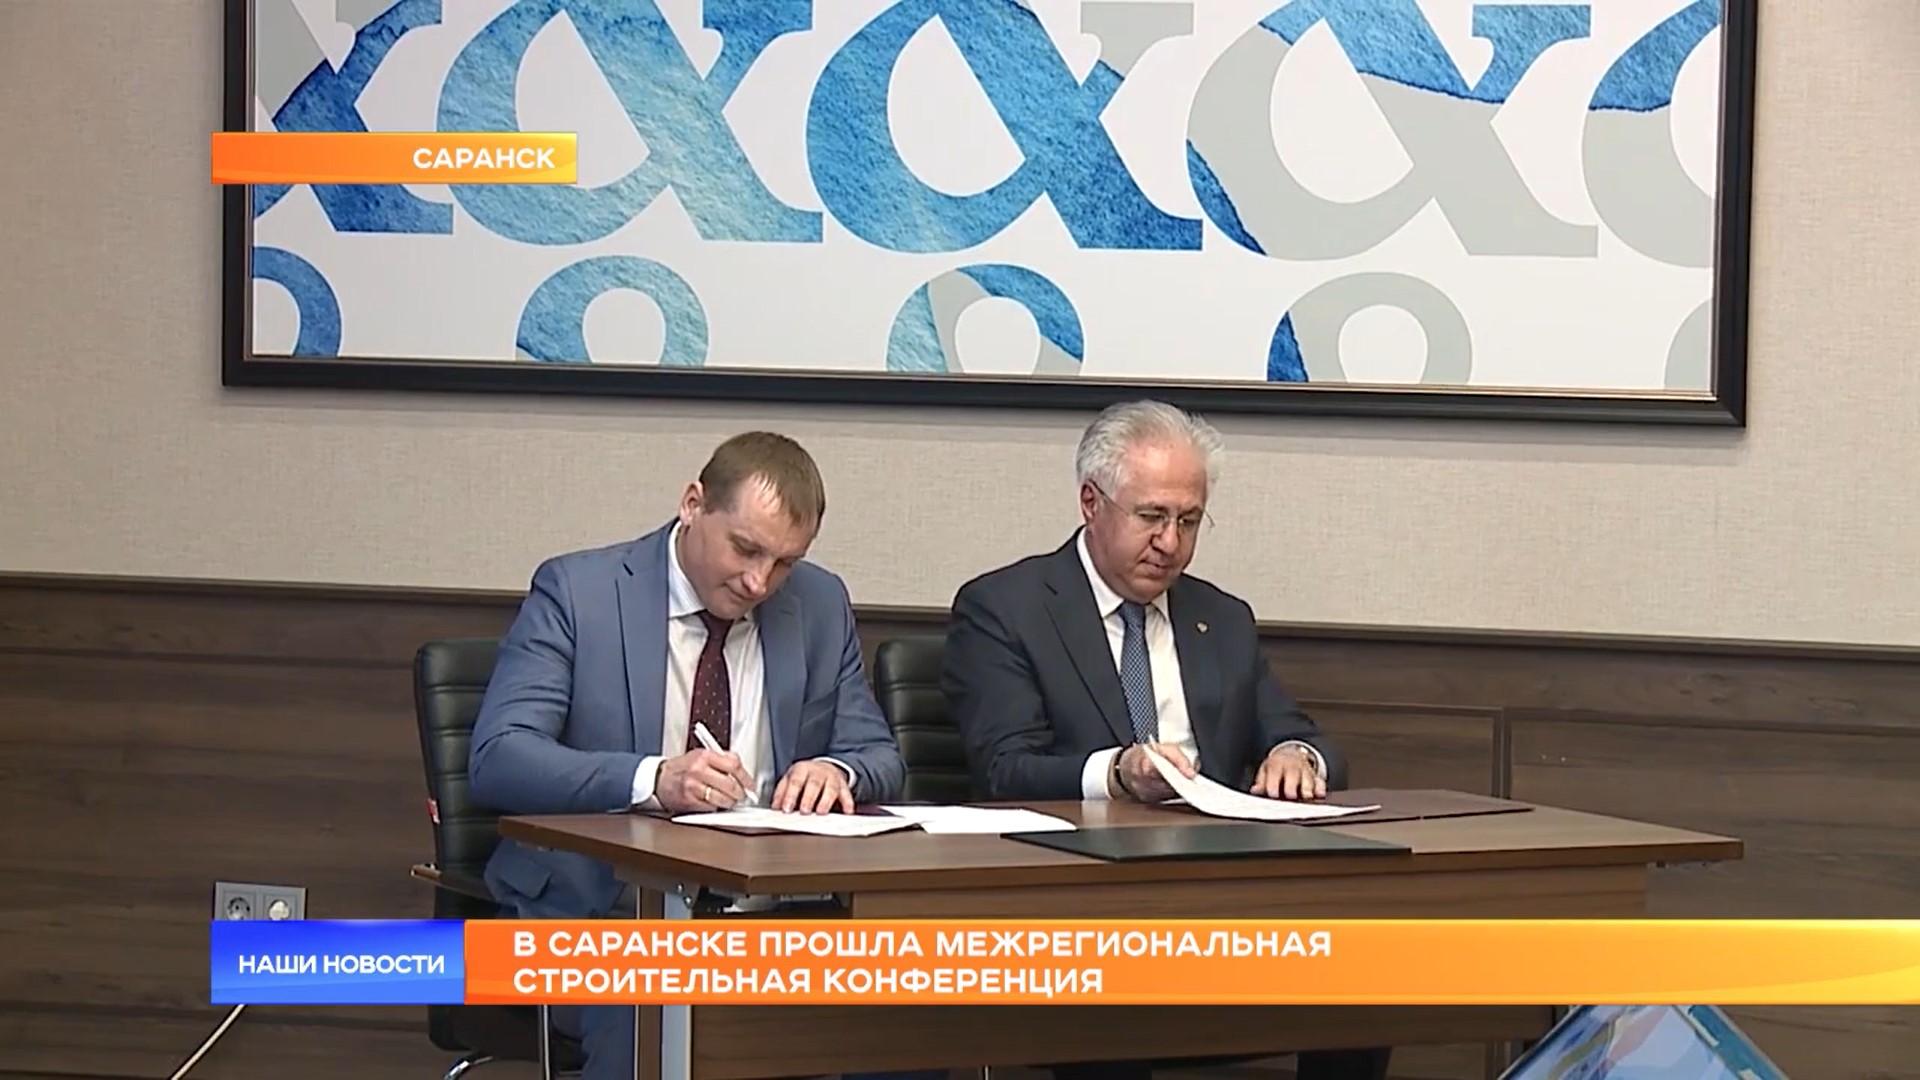 Межрегиональная строительная конференция в Саранске 9 апреля 2021